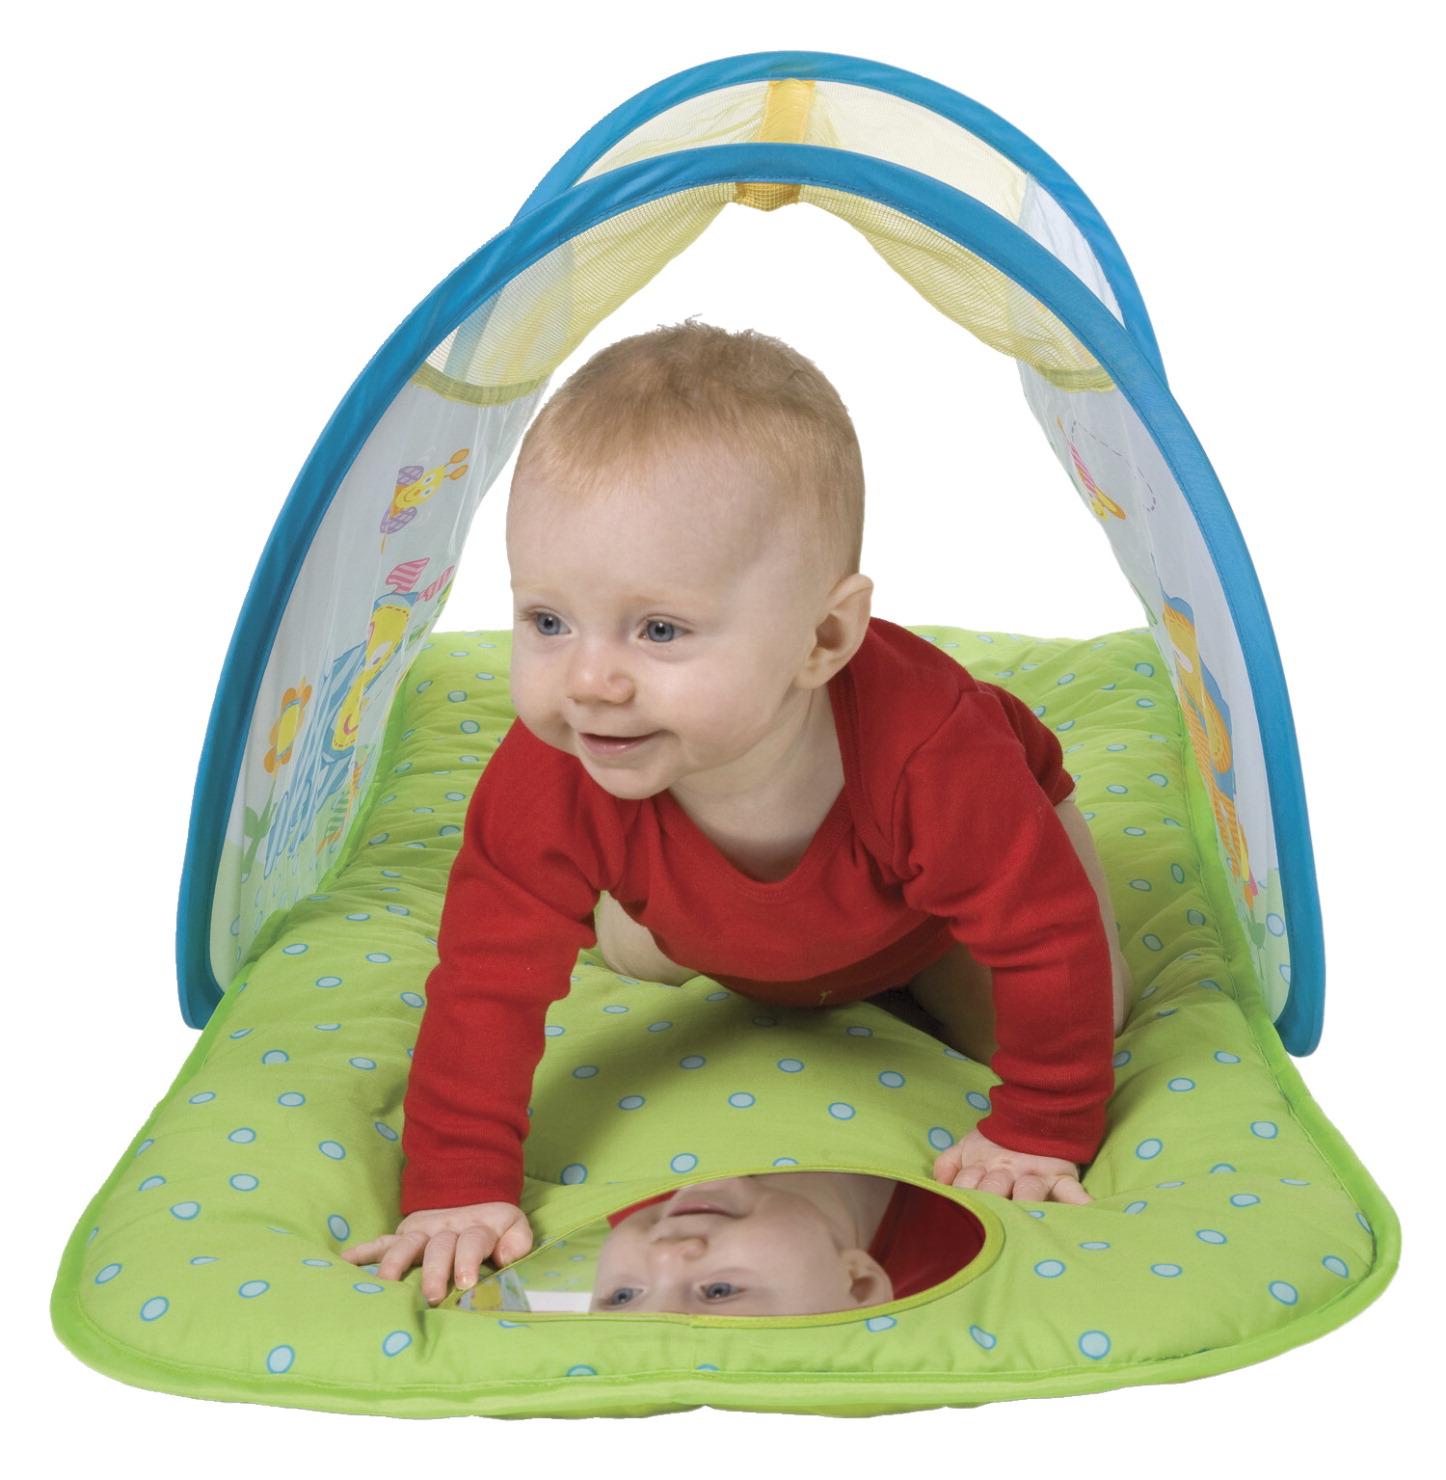 Alex - Learn to Crawl Tunnel - Walmart.com